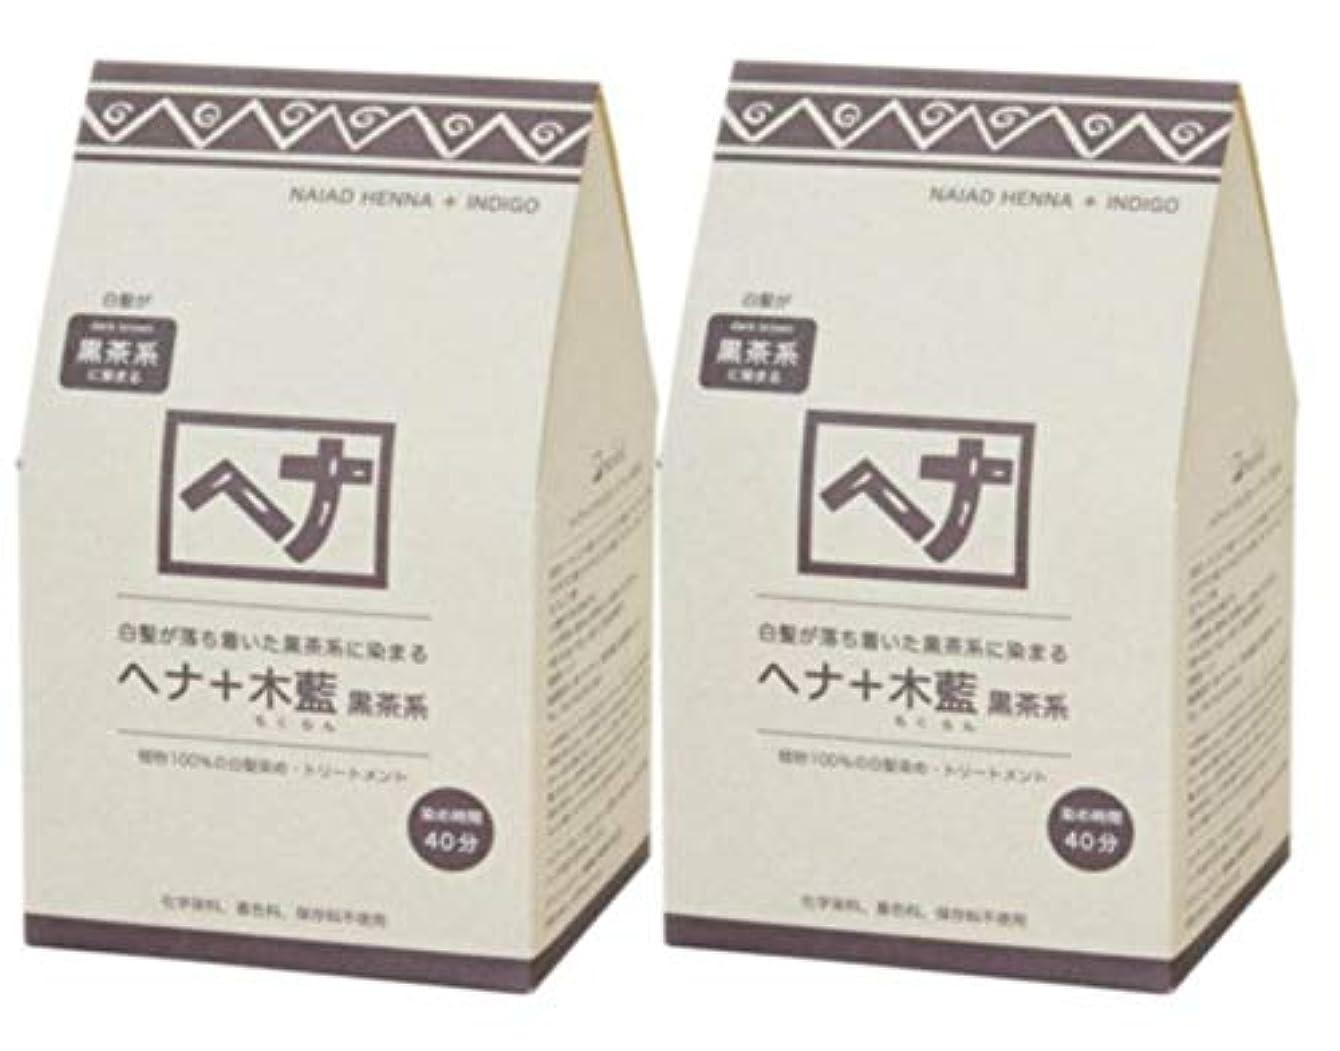 市場驚いたタバコNaiad(ナイアード) ヘナ+木藍 黒茶系 400g 2個セット